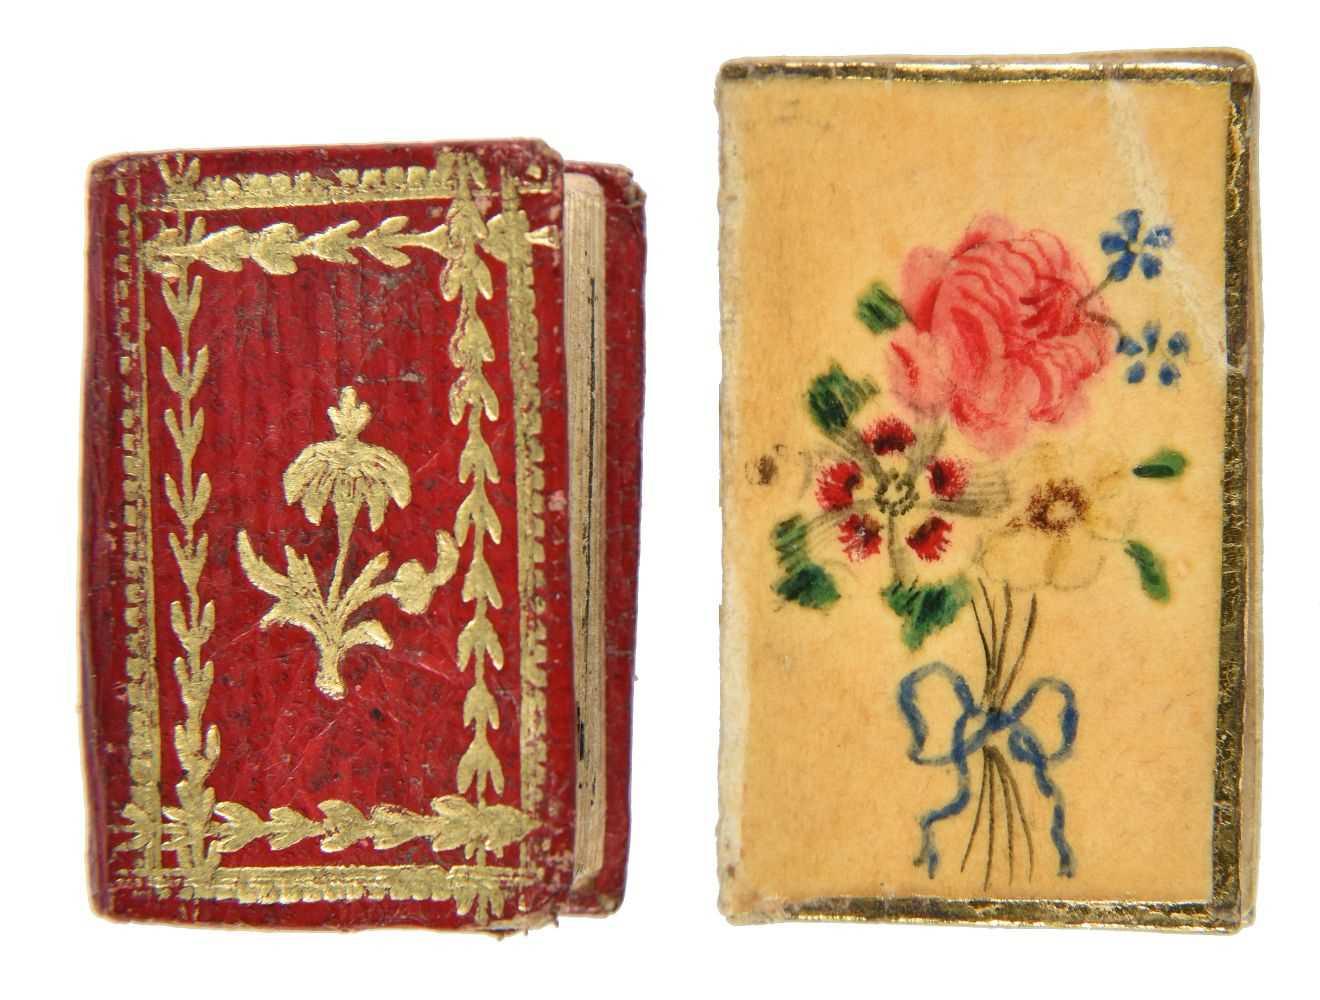 Lot 504-Miniature Books. Les Petits Montagnards, Année 1822, [1821]